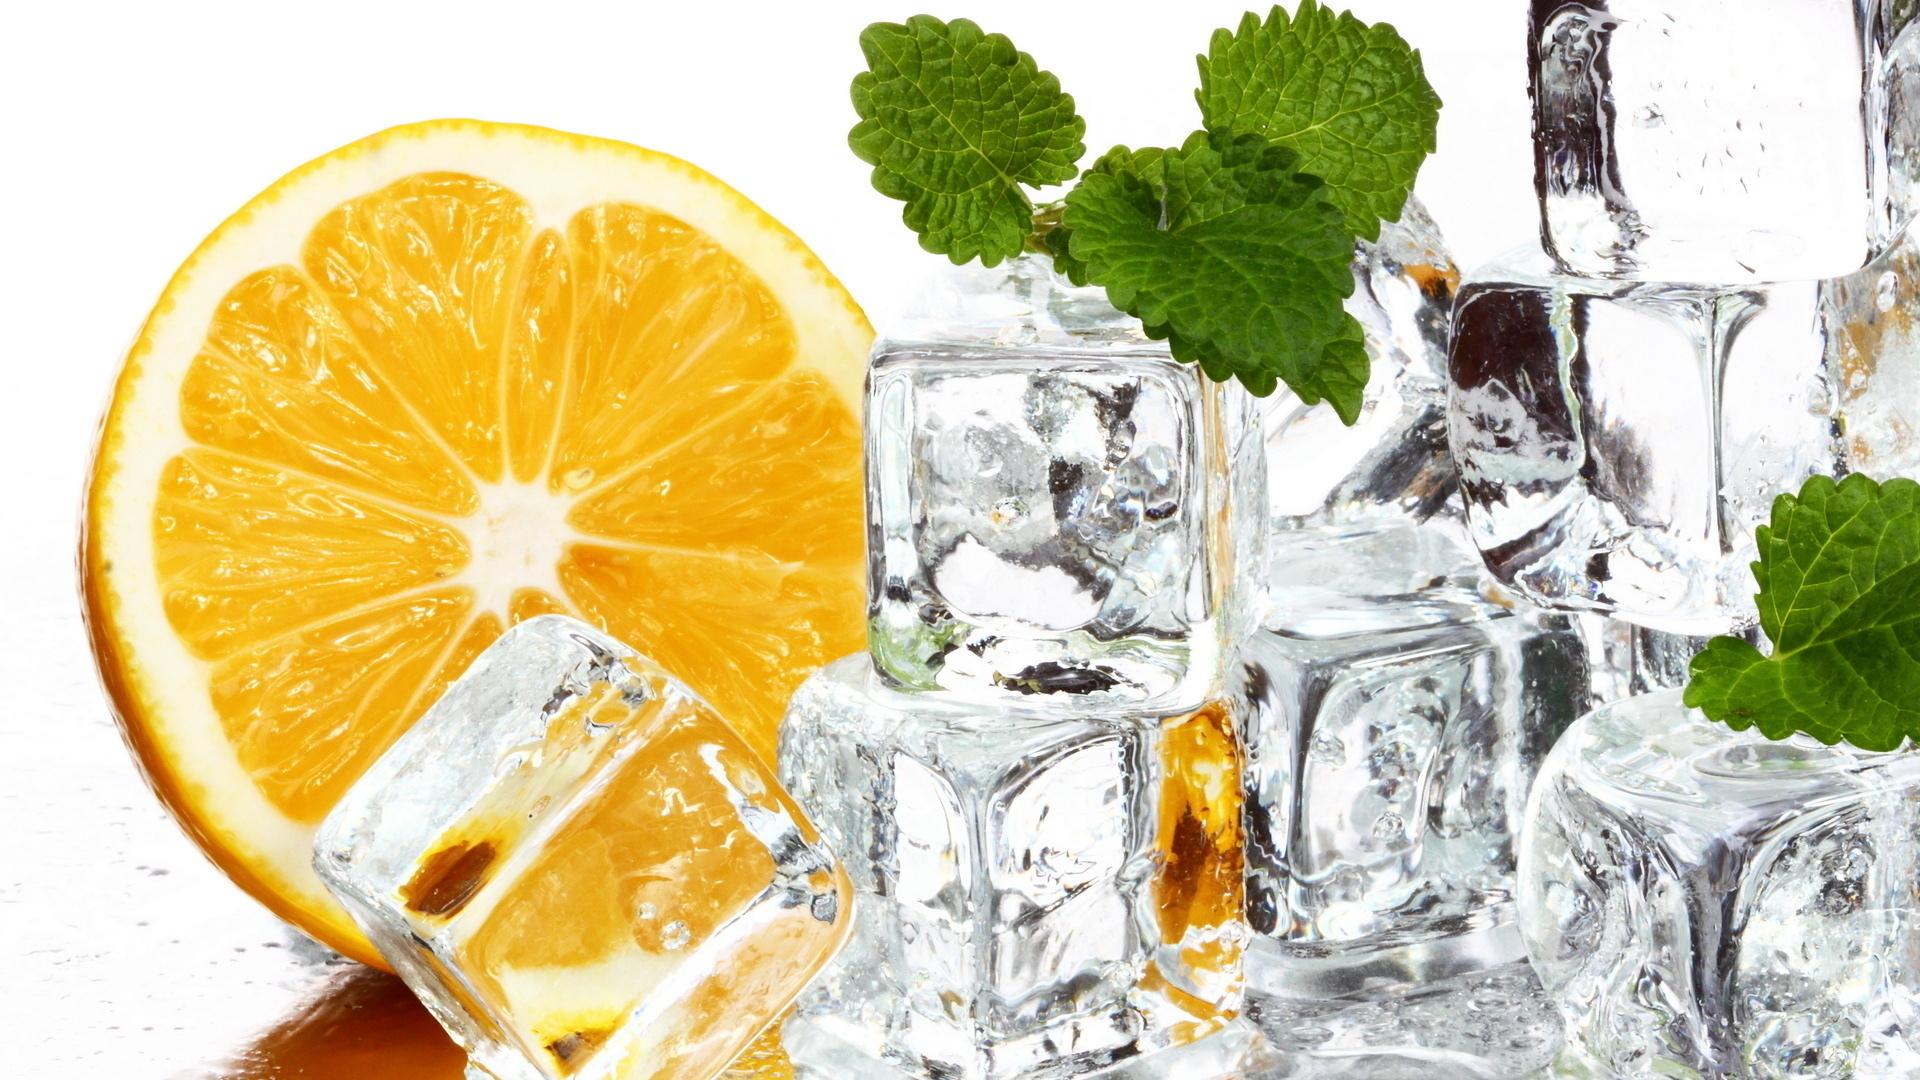 Перевозка замороженных охлажденных продуктов по России